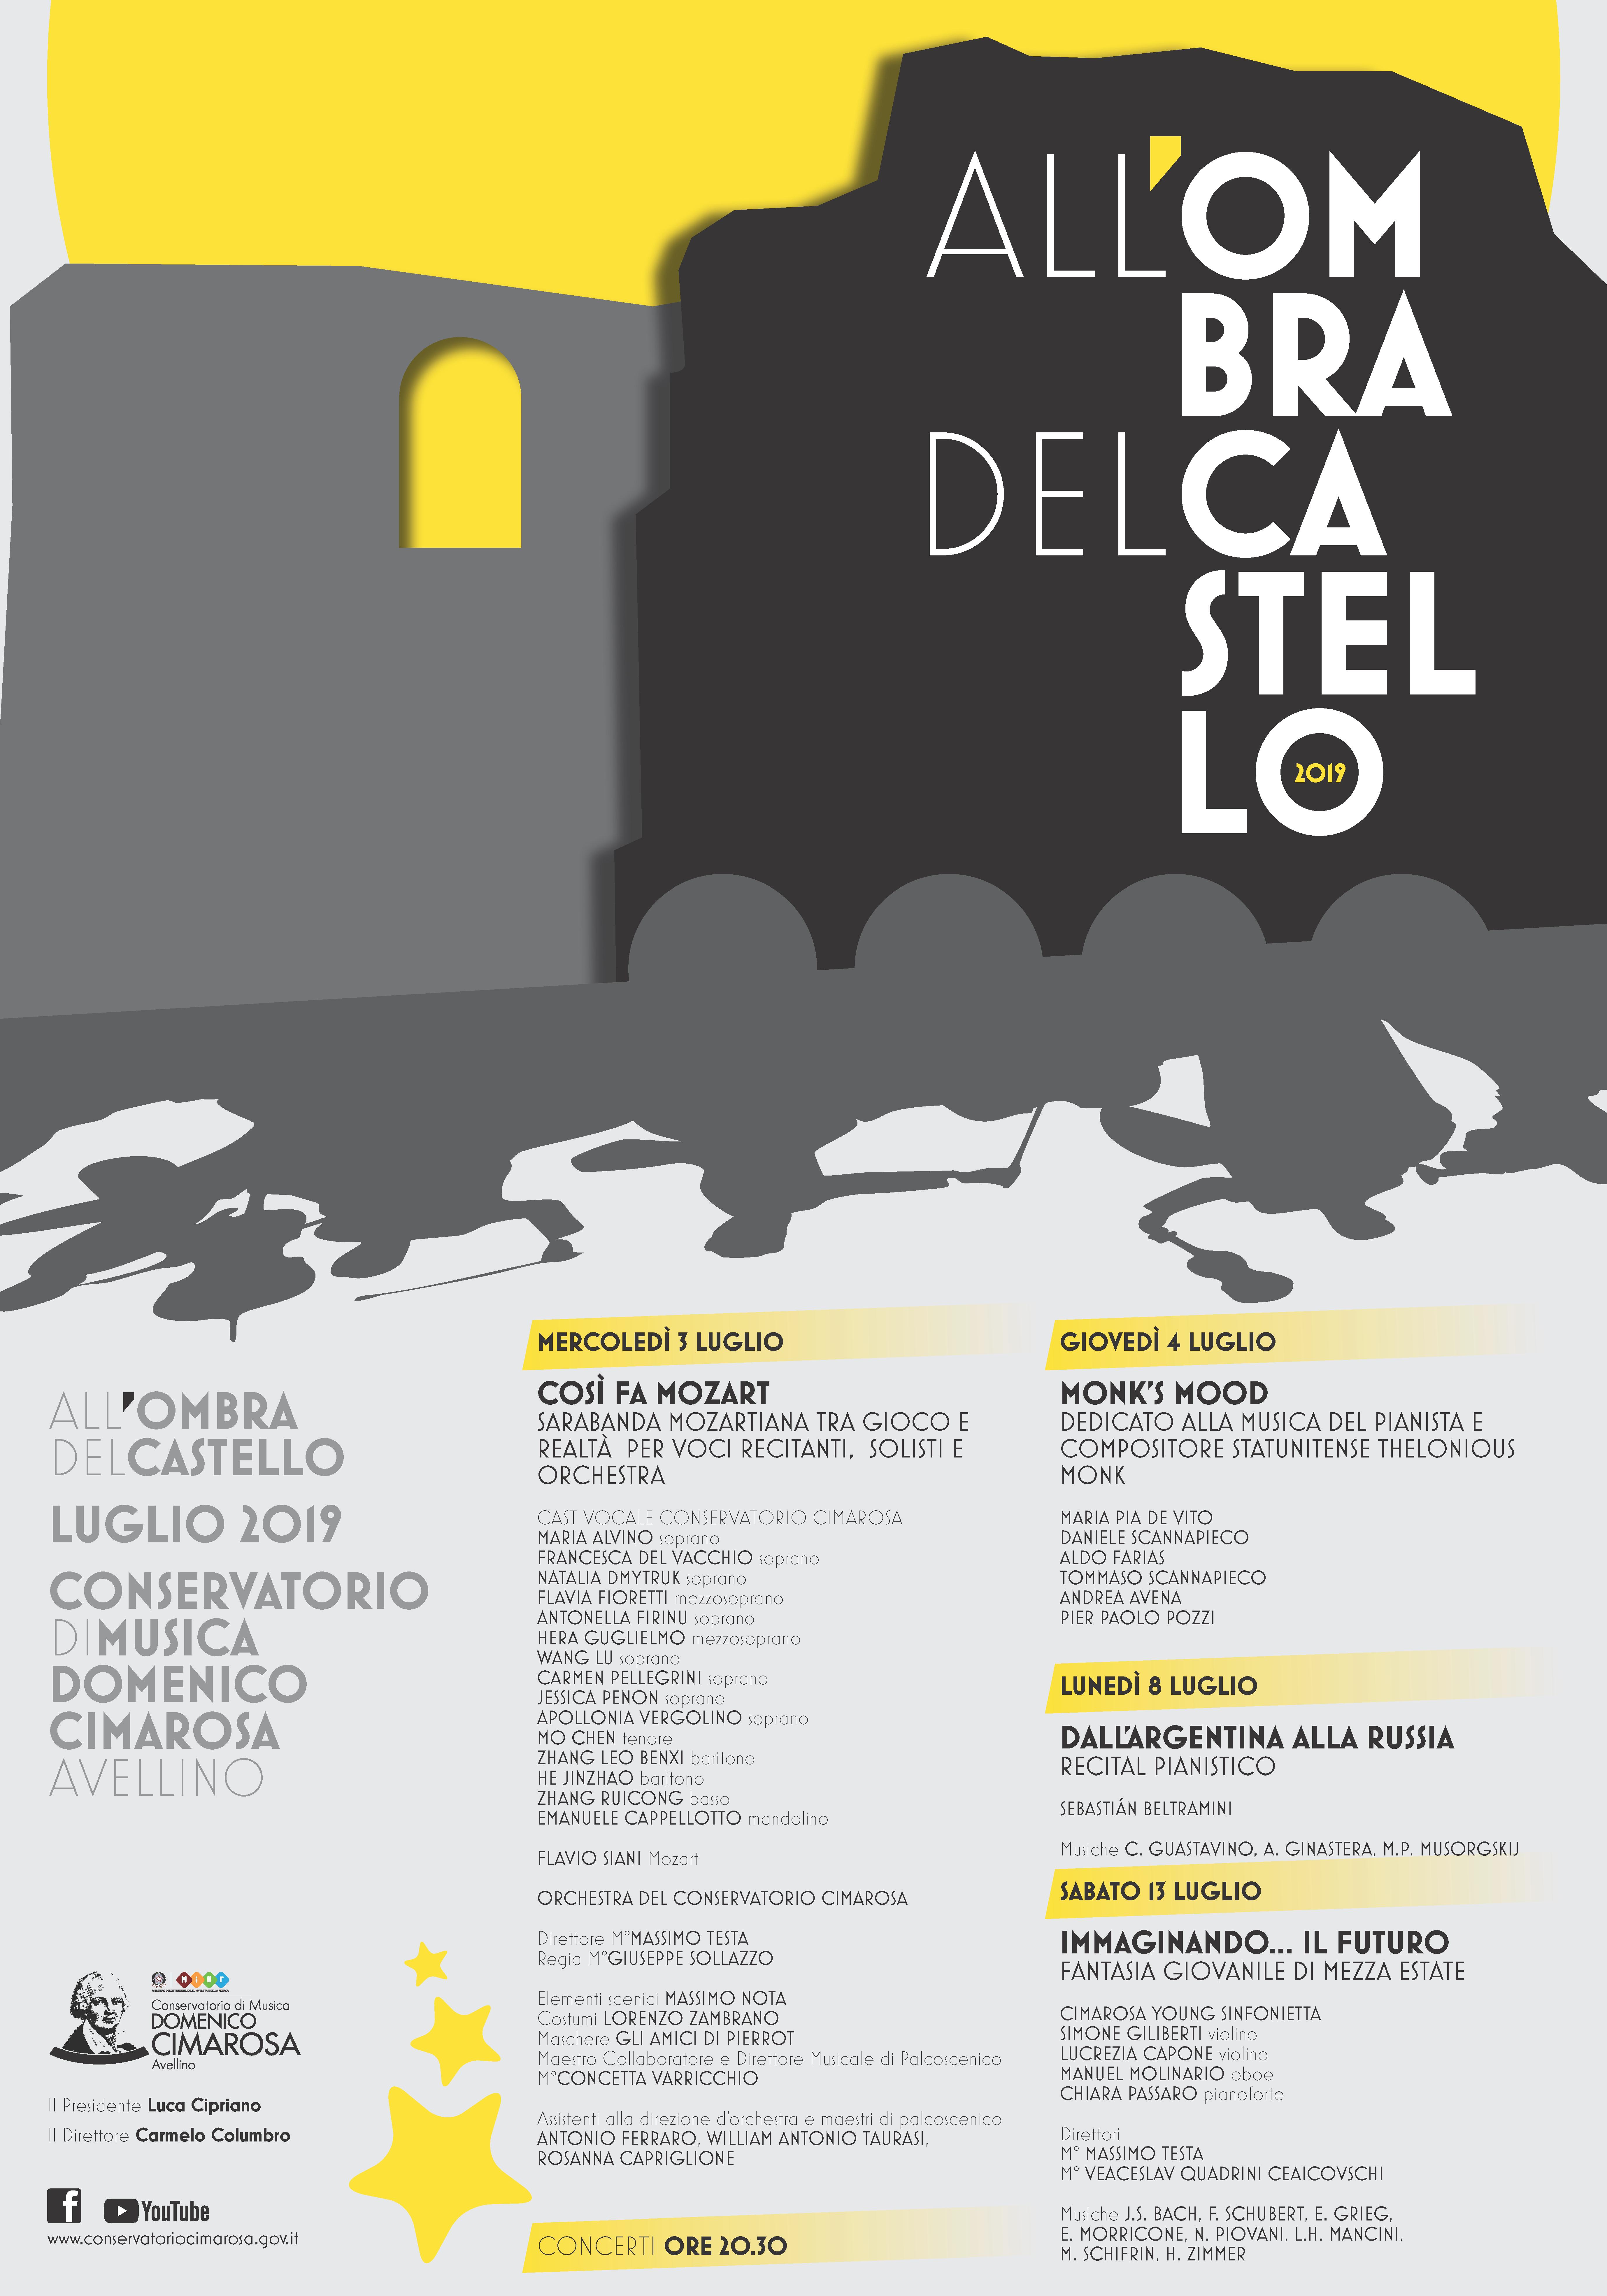 ALL'OMBRA DEL CASTELLO 2019